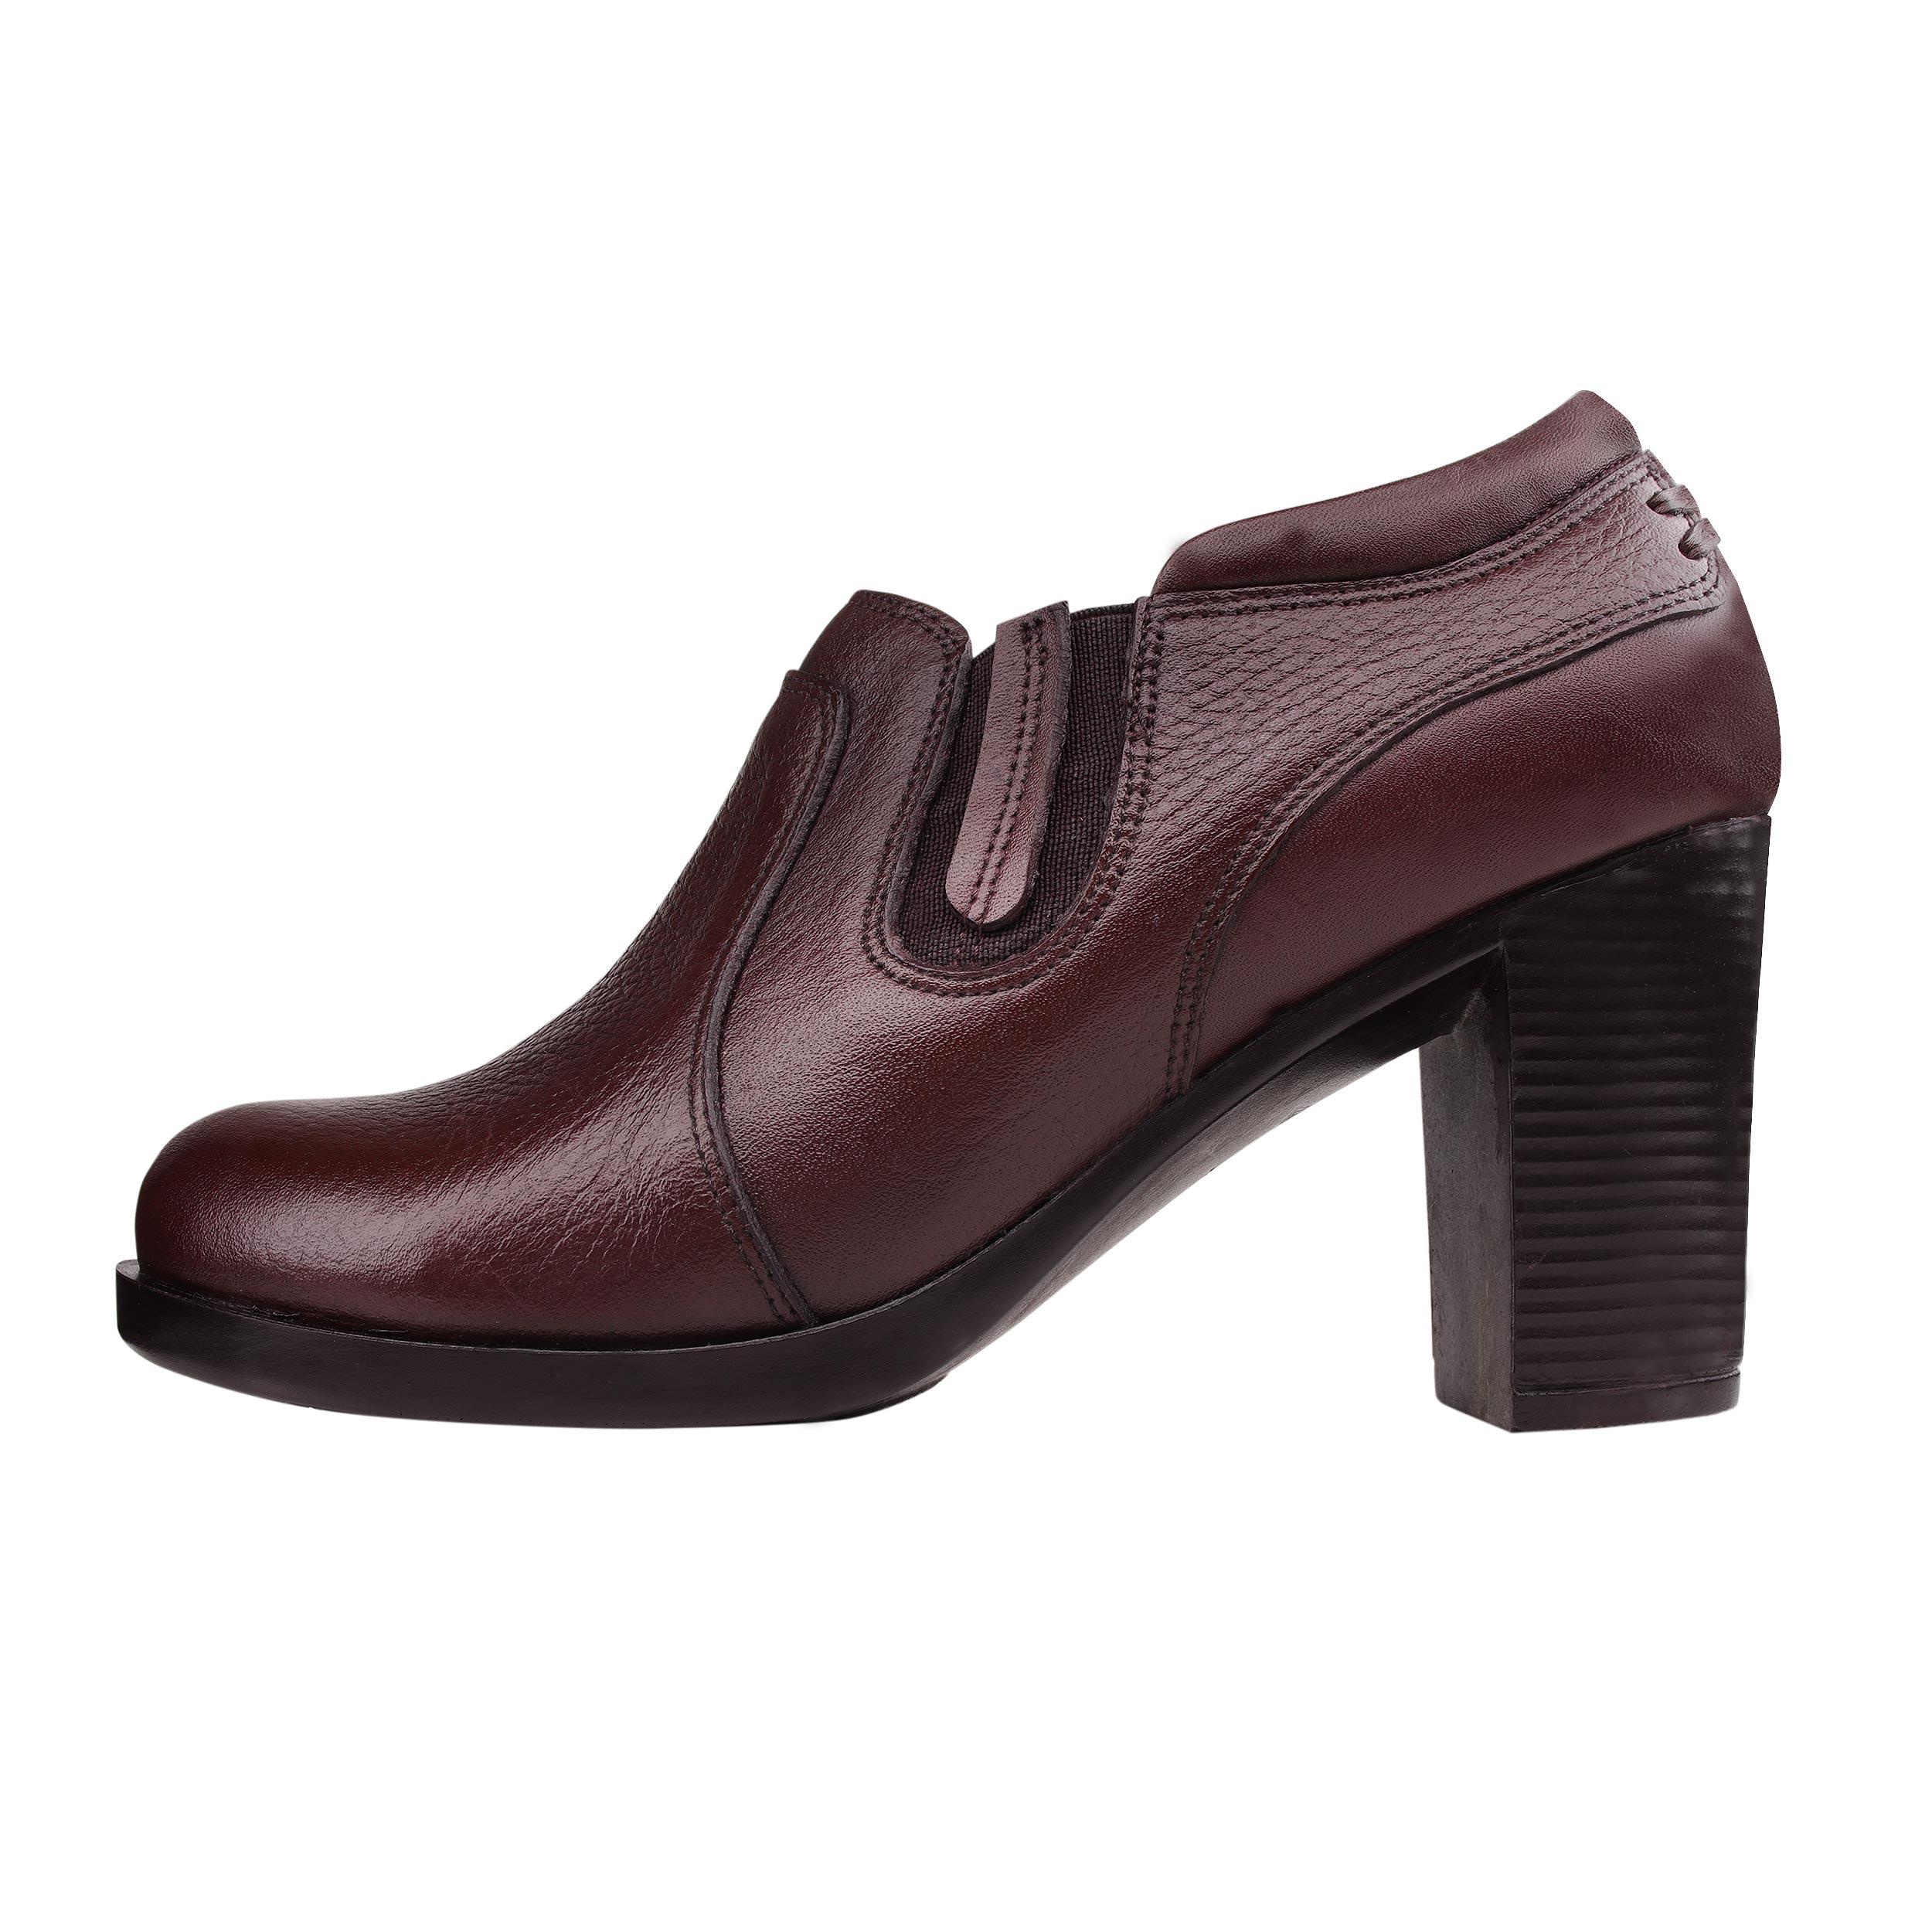 خرید                       کفش زنانه روشن مدل 825 کد 22